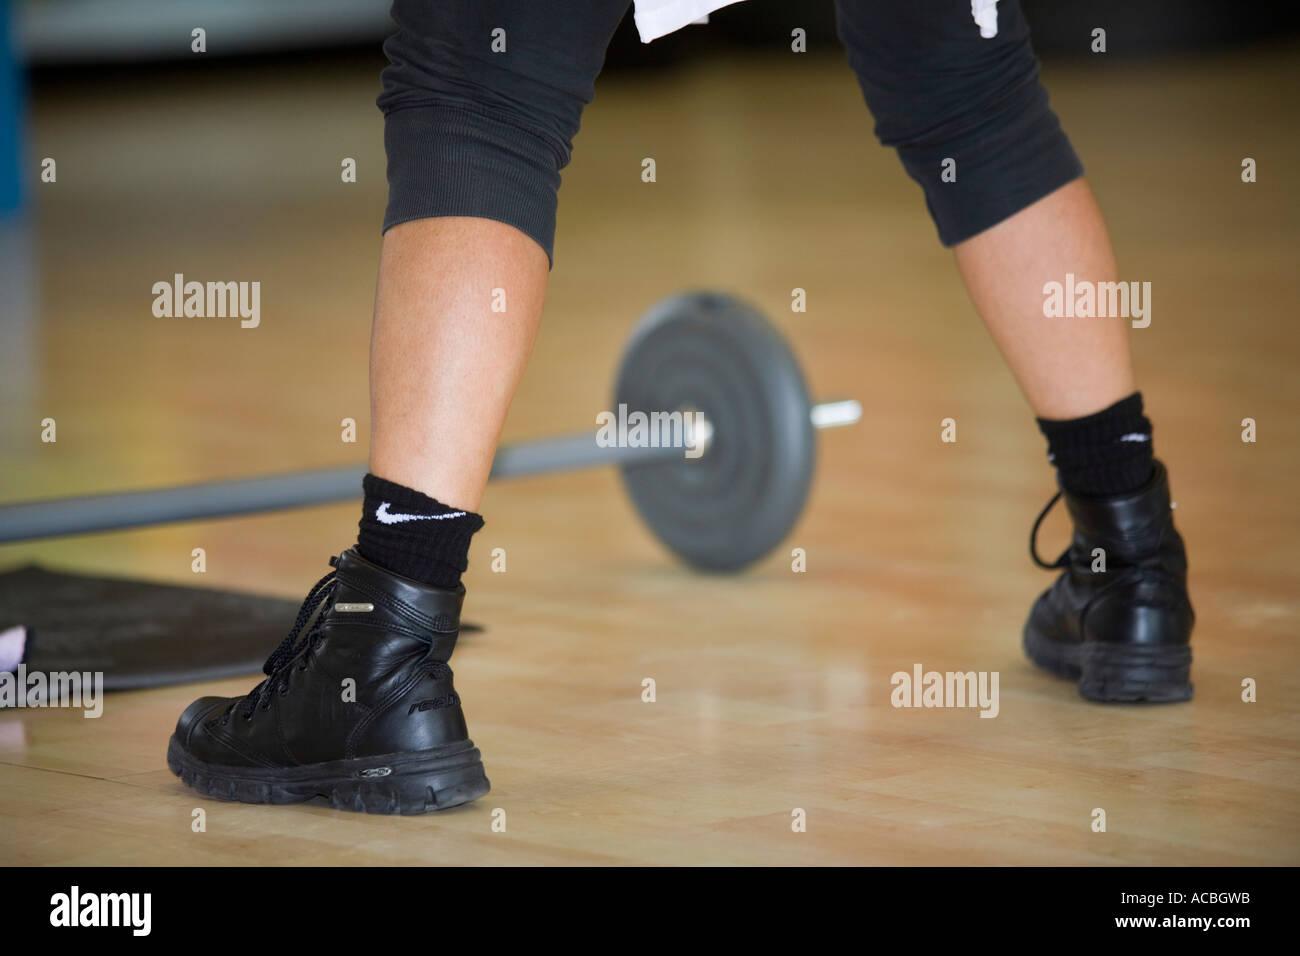 Ejercítese en el gimnasio: detalle de las piernas y el peso pesado Imagen De Stock